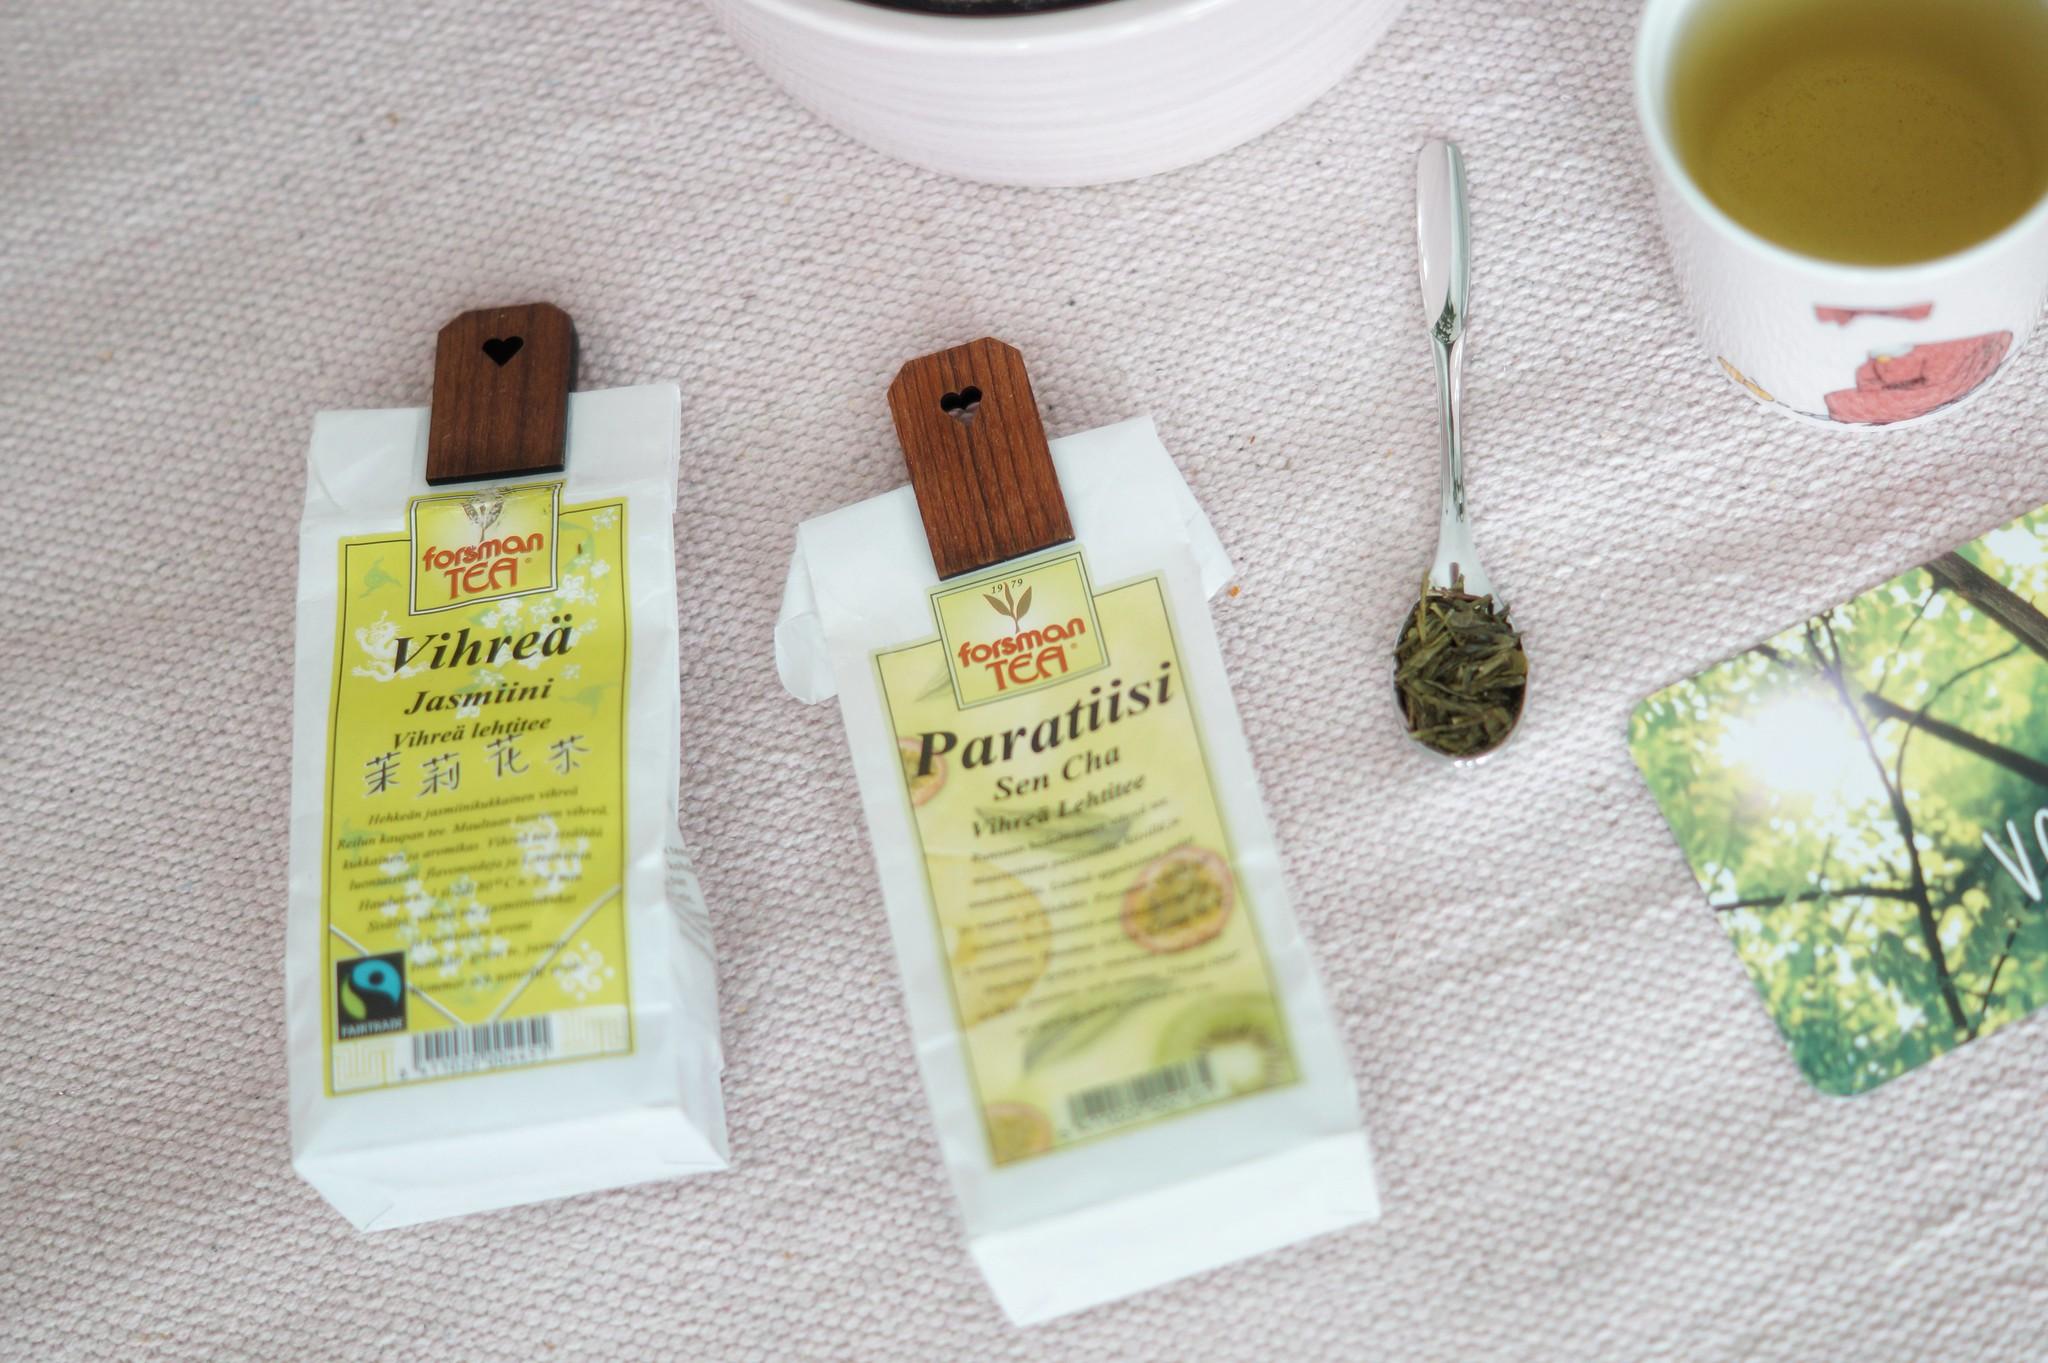 vihreä tee terveyshyödyt 2